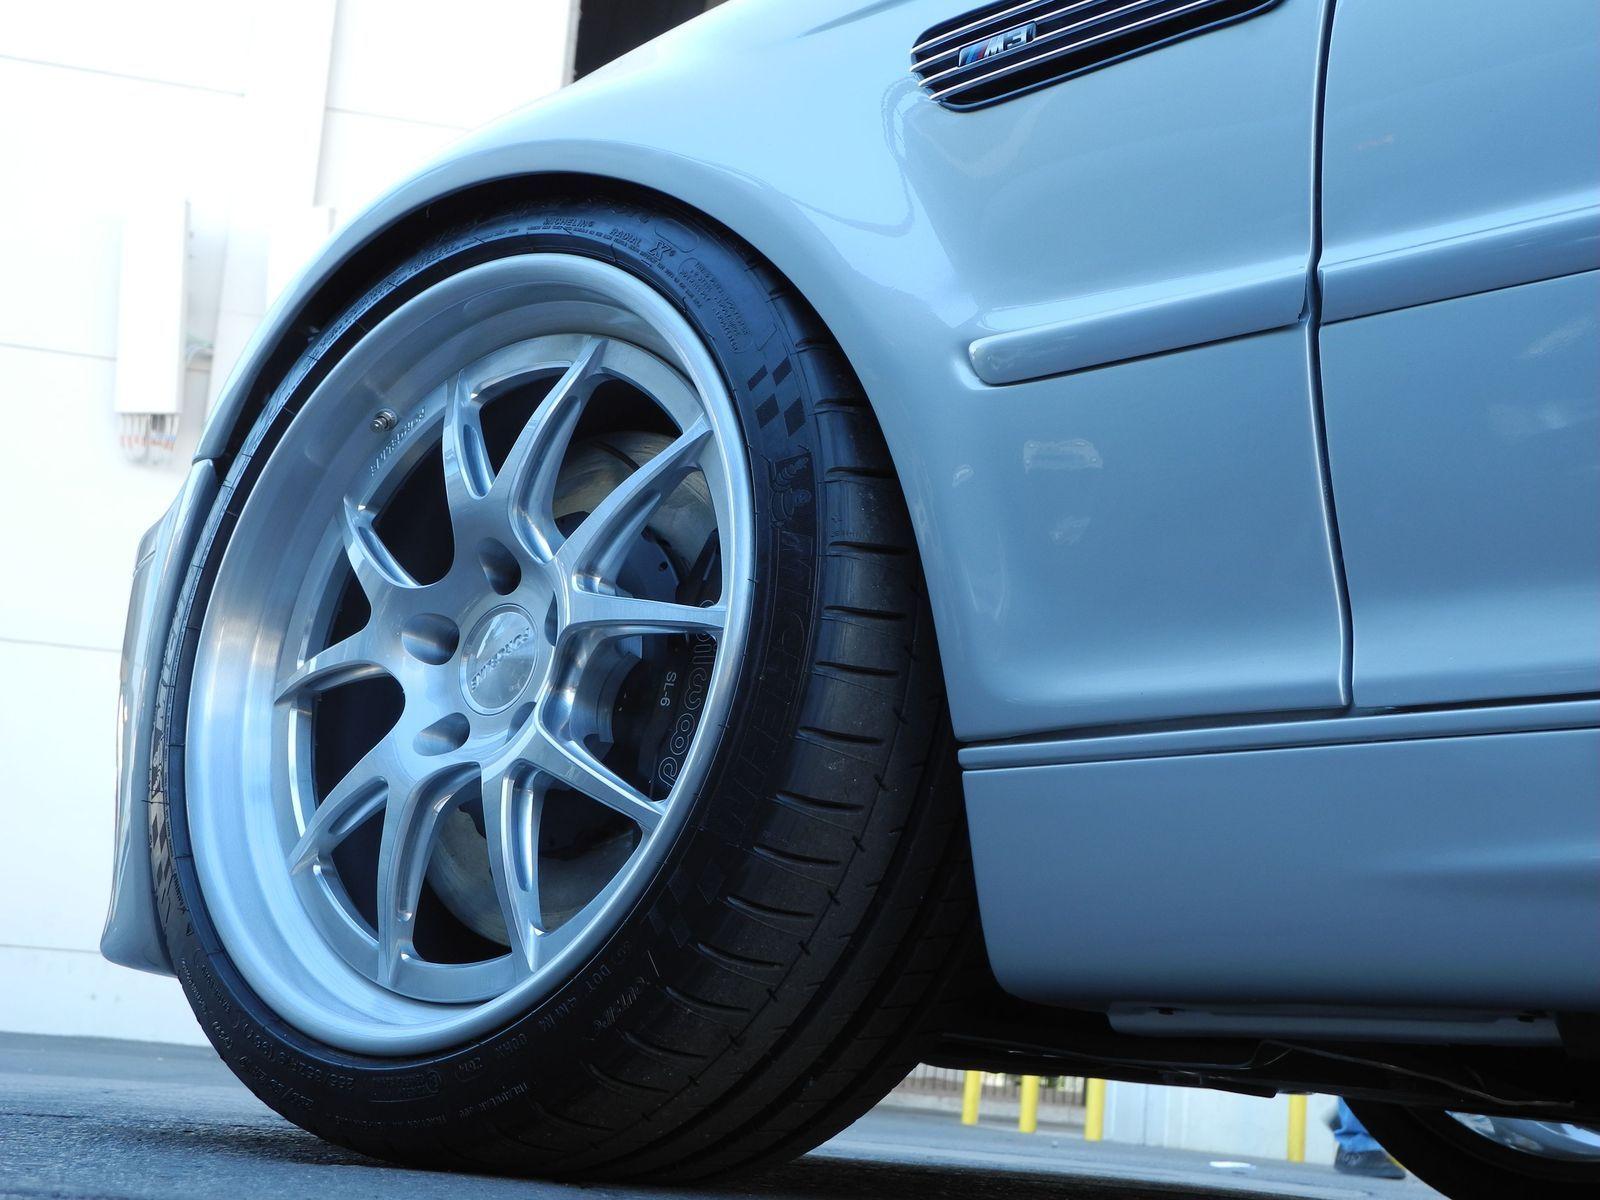 2006 BMW M3 | Stanced BMW E46 M3 on Forgeline GA3 Wheels